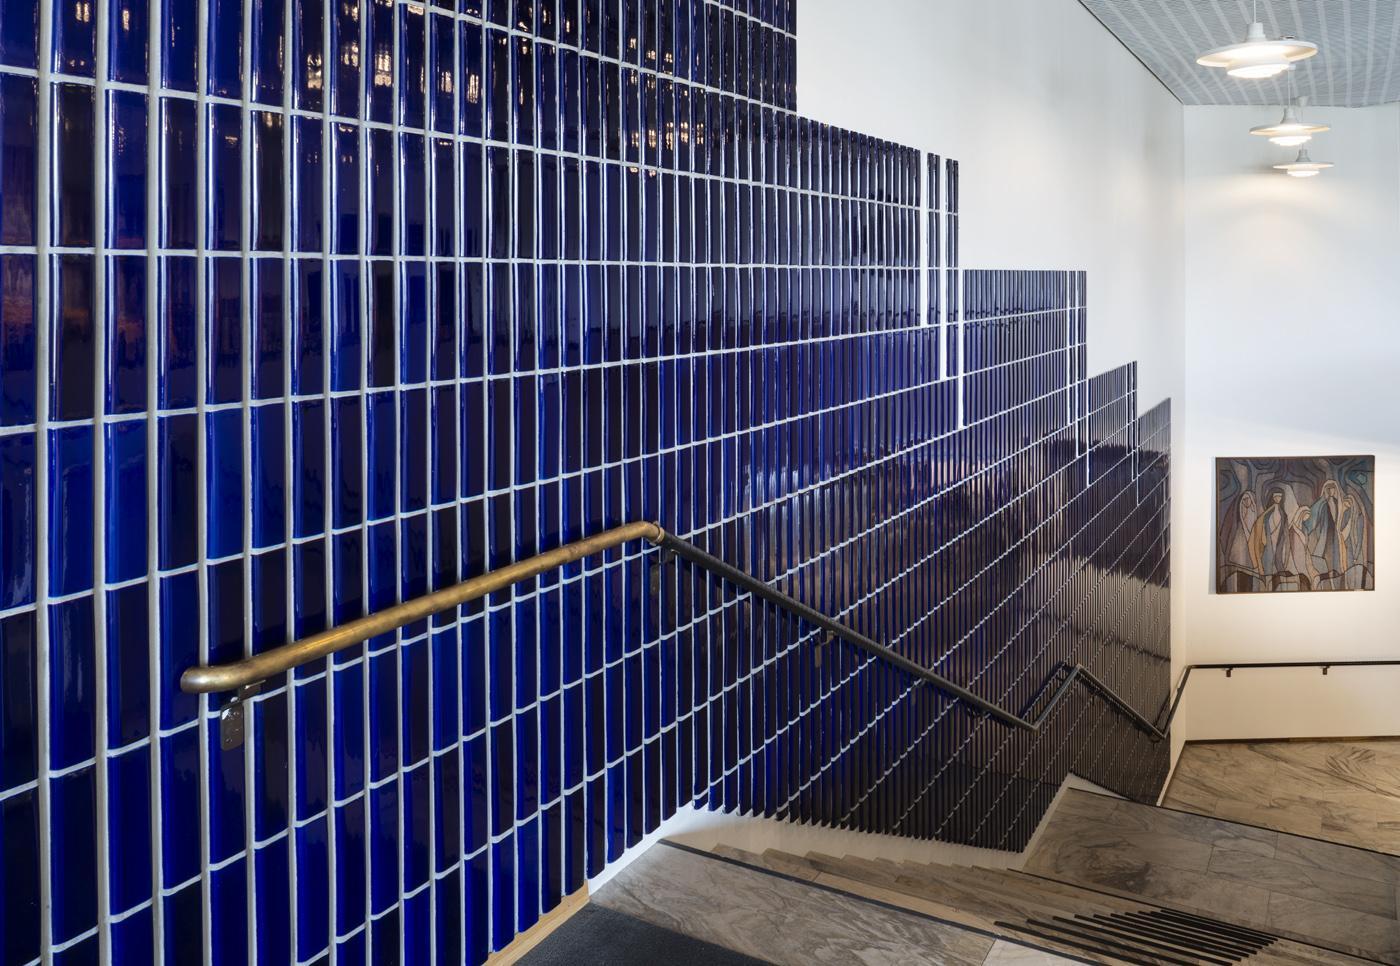 Lappia Hall, cobalt blue ceramic tiles